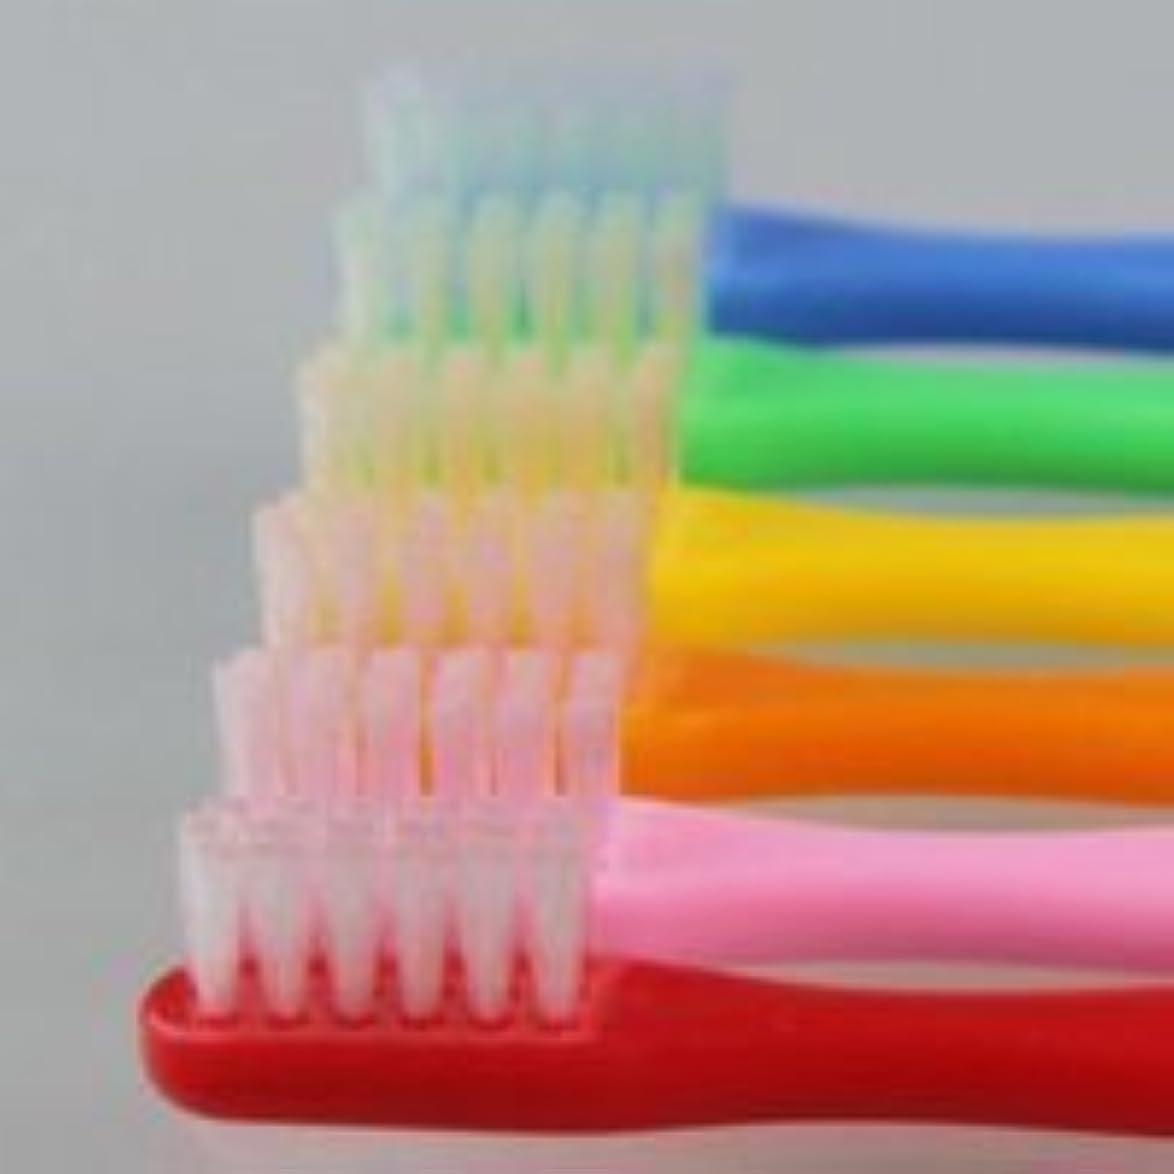 エジプト人柄魅惑的なサムフレンド 歯ブラシ #10(乳歯~6才向け) 6本 ※お色は当店お任せです